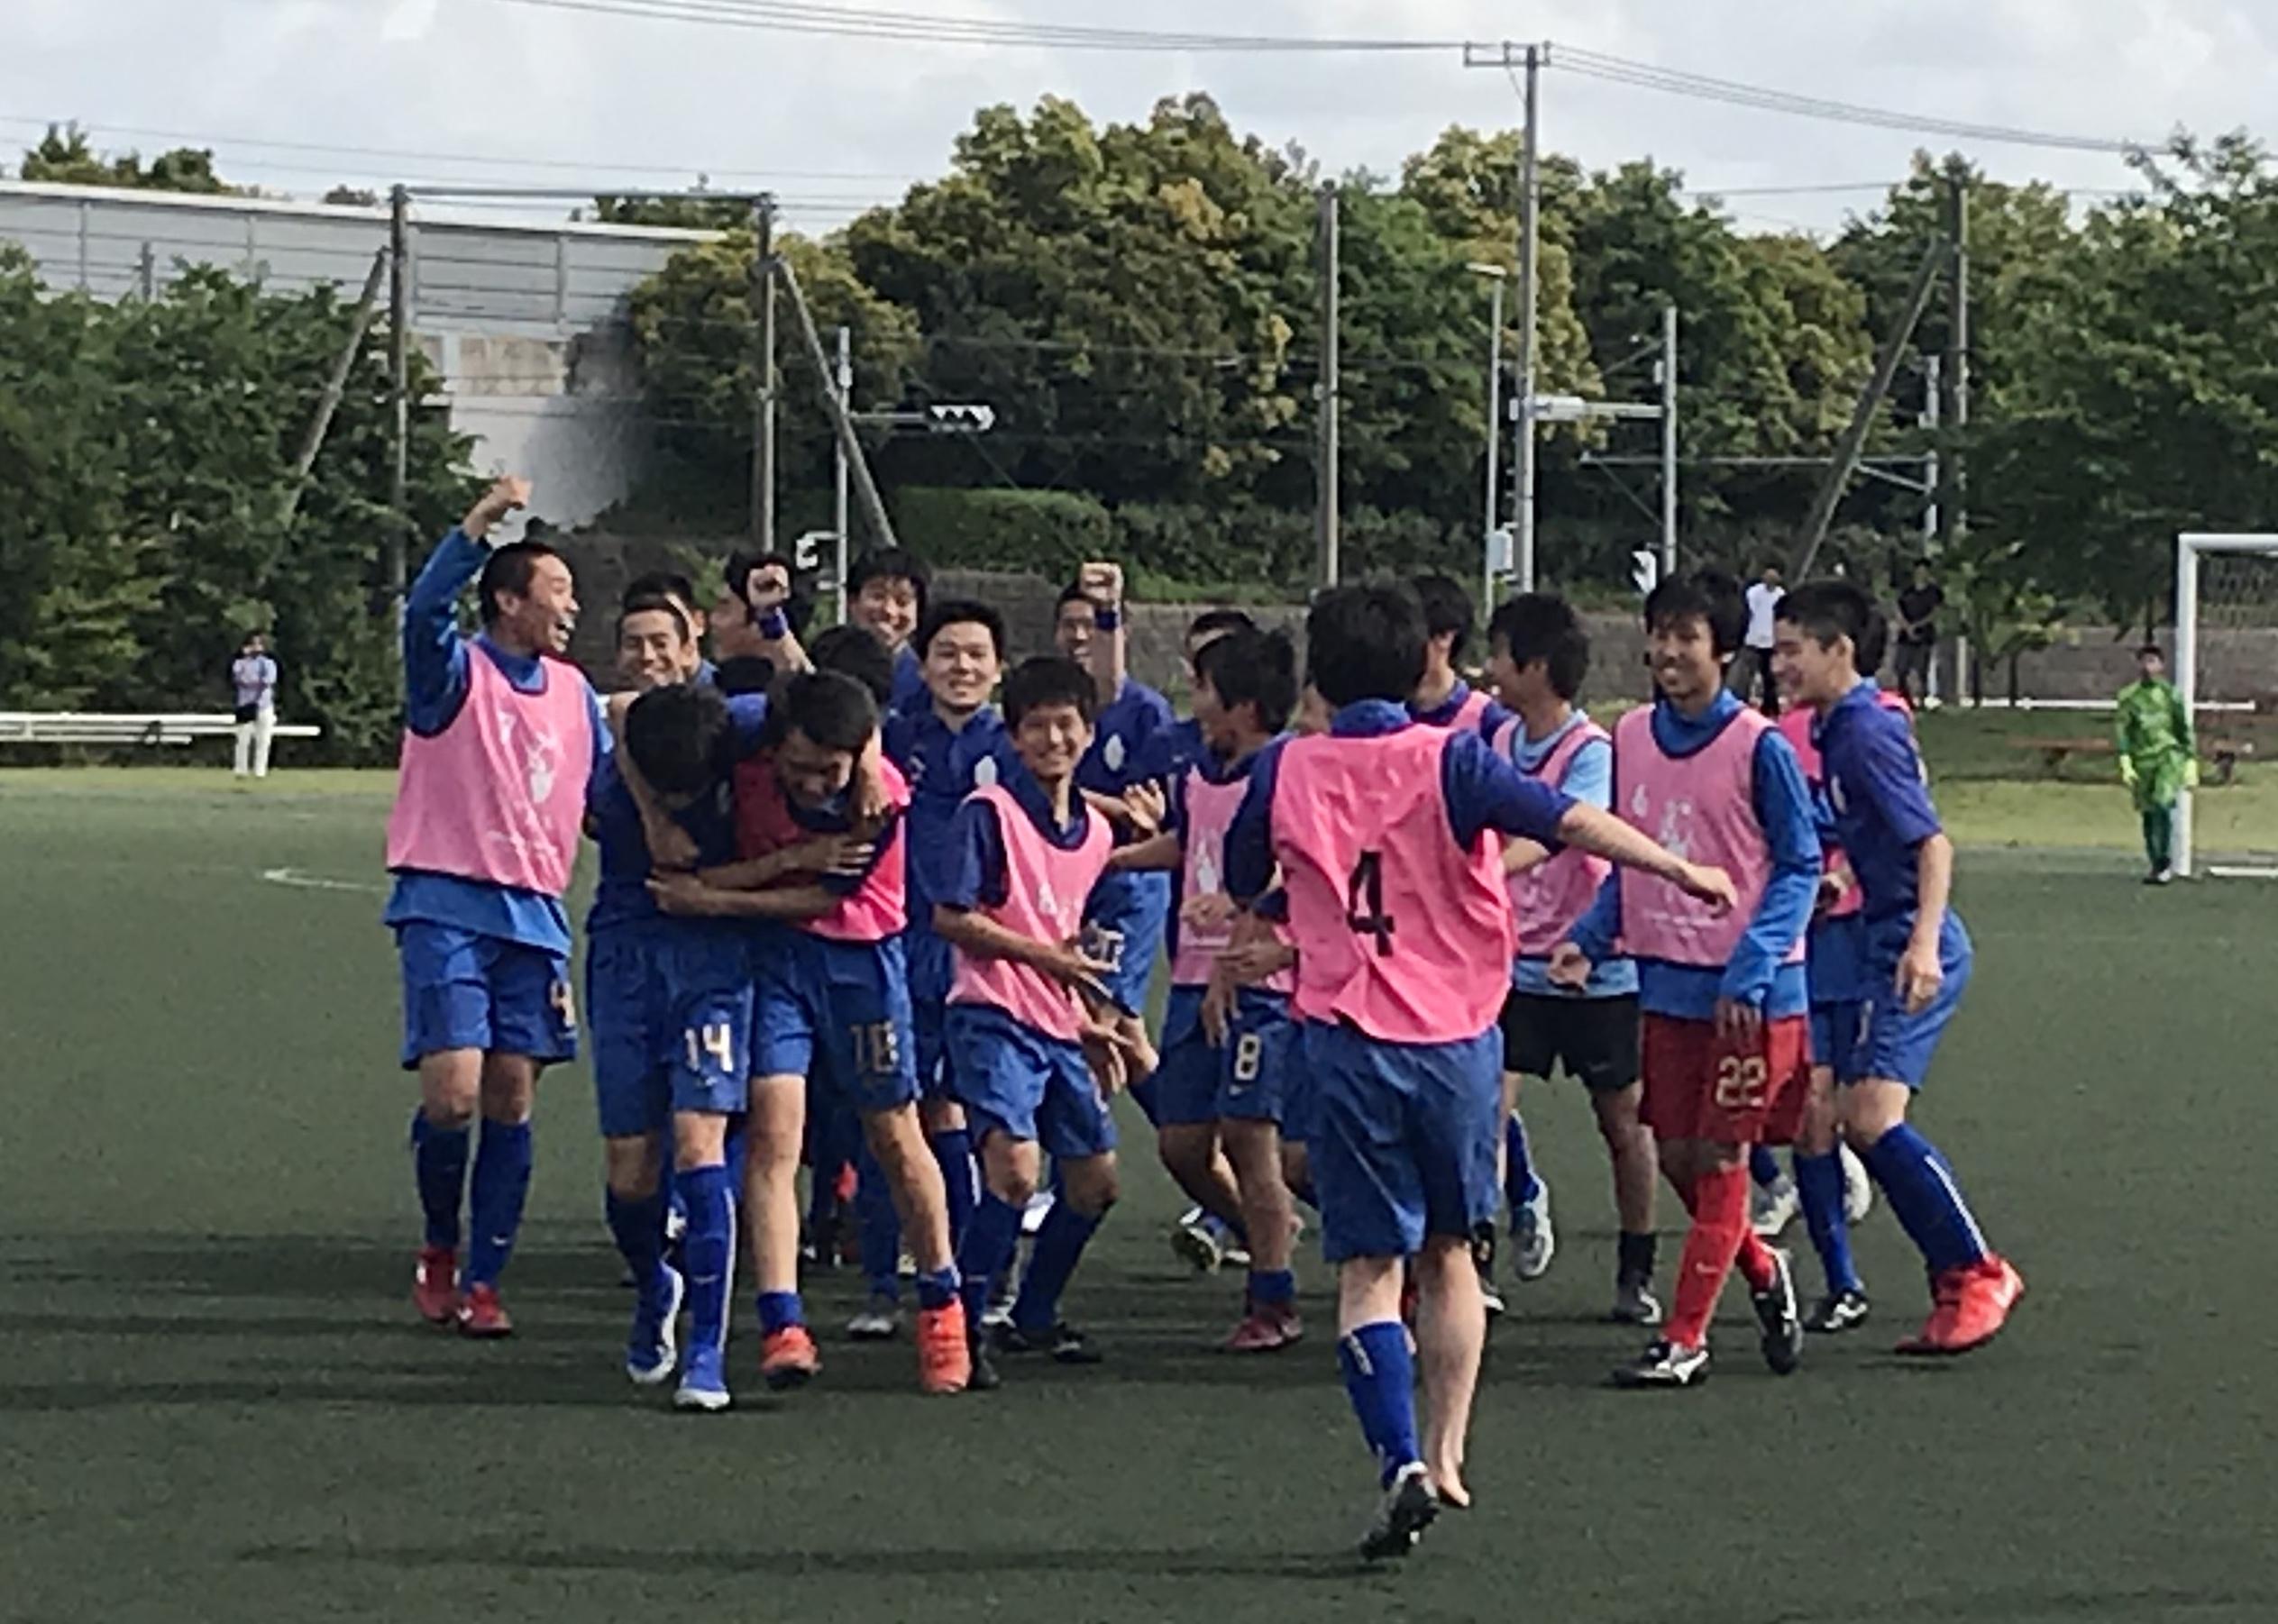 【U15】U-15クラブユース選手権 ラウンド8結果